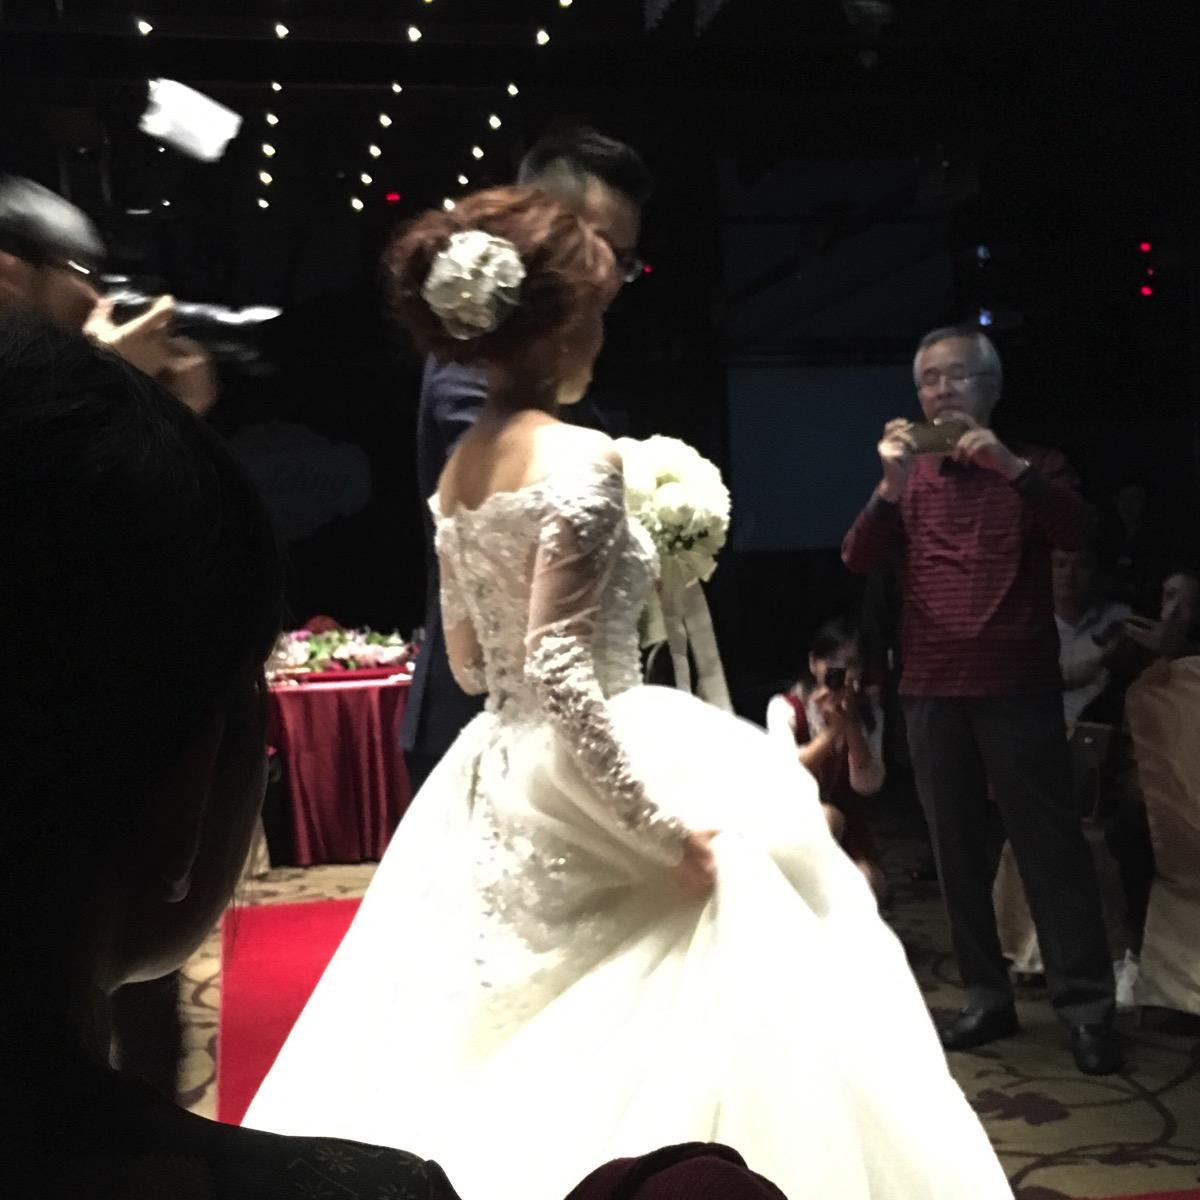 ケタ違いの参加人数!遅刻は当然!?台湾本場の結婚式に参加してきました。